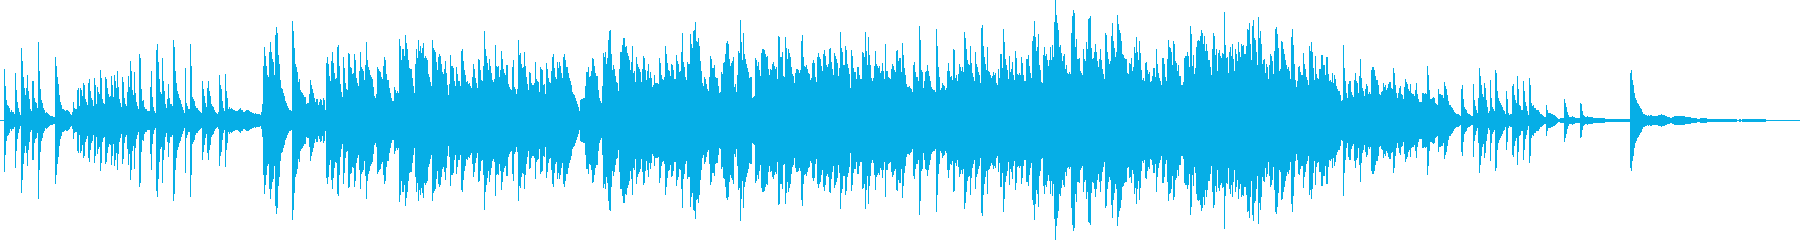 胸がキュンとなるような可愛いピアノ曲の再生済みの波形